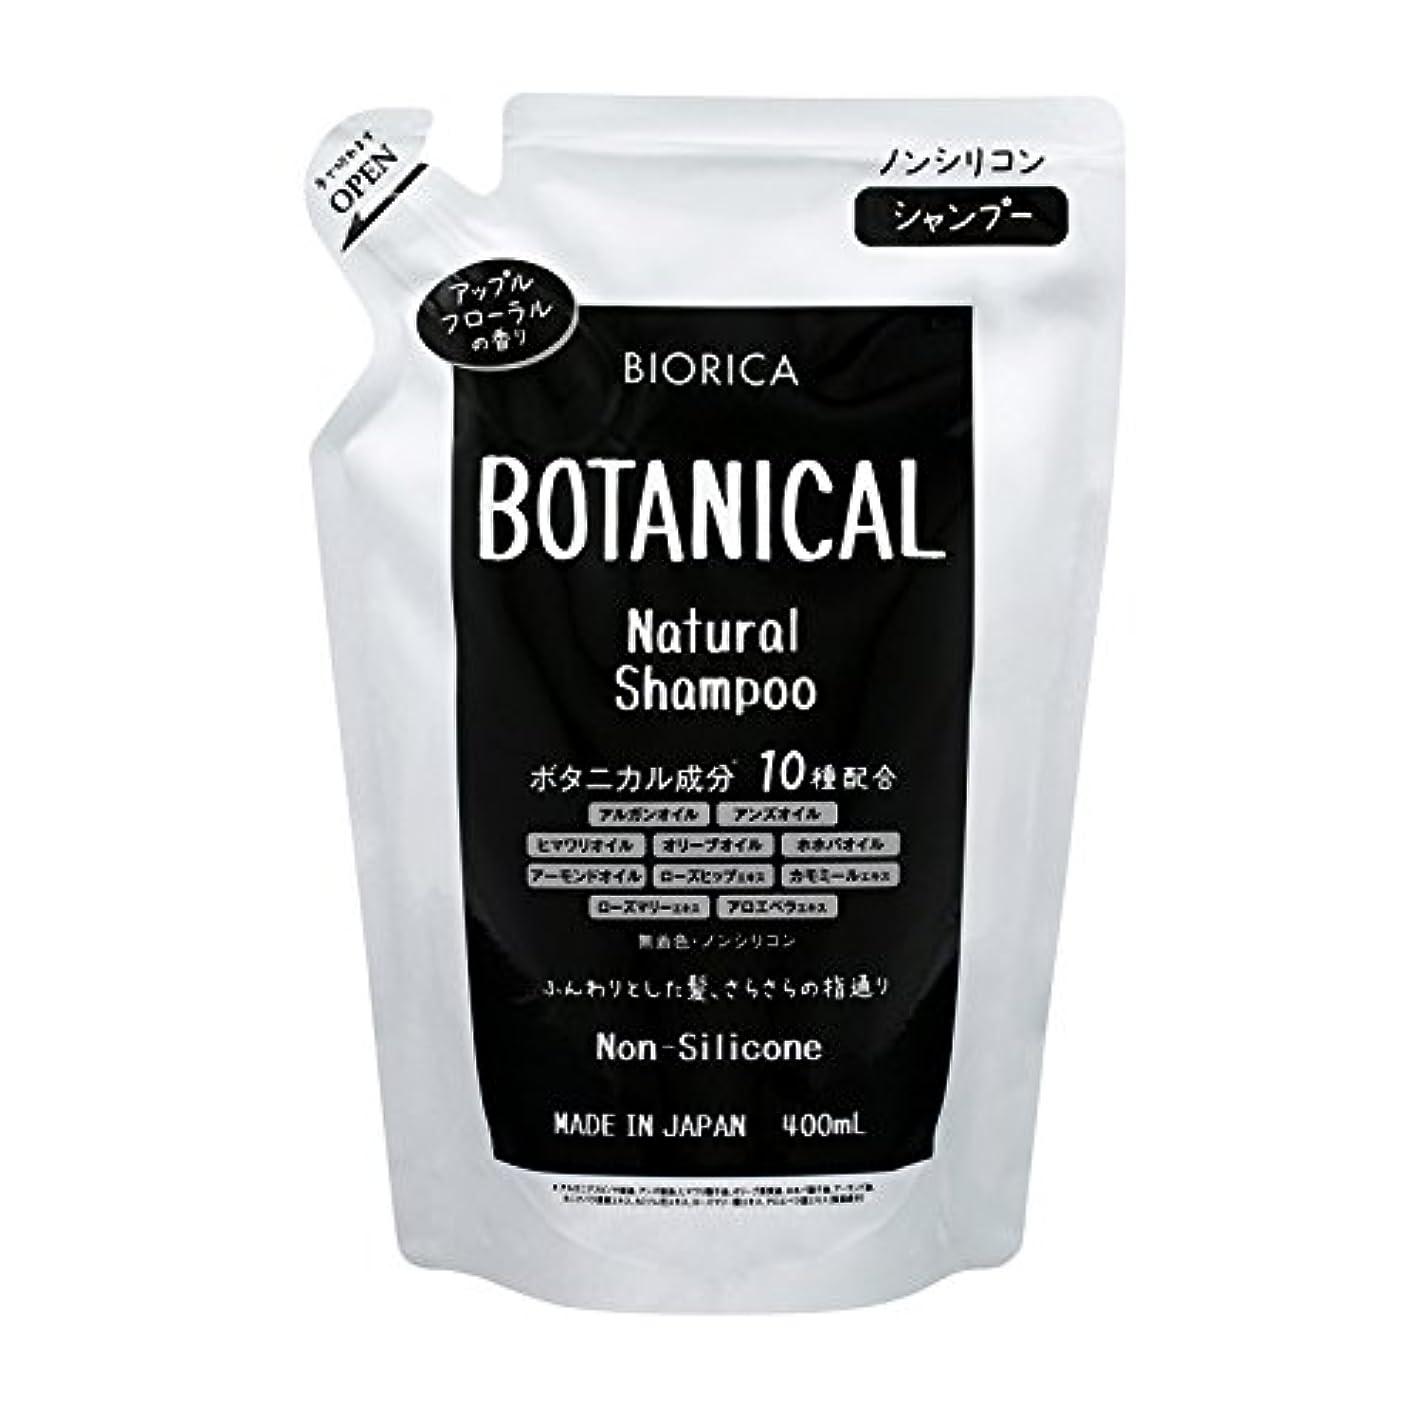 熟達したアルコーブ対BIORICA ビオリカ ボタニカル ノンシリコン シャンプー 詰め替え アップルフローラルの香り 400ml 日本製